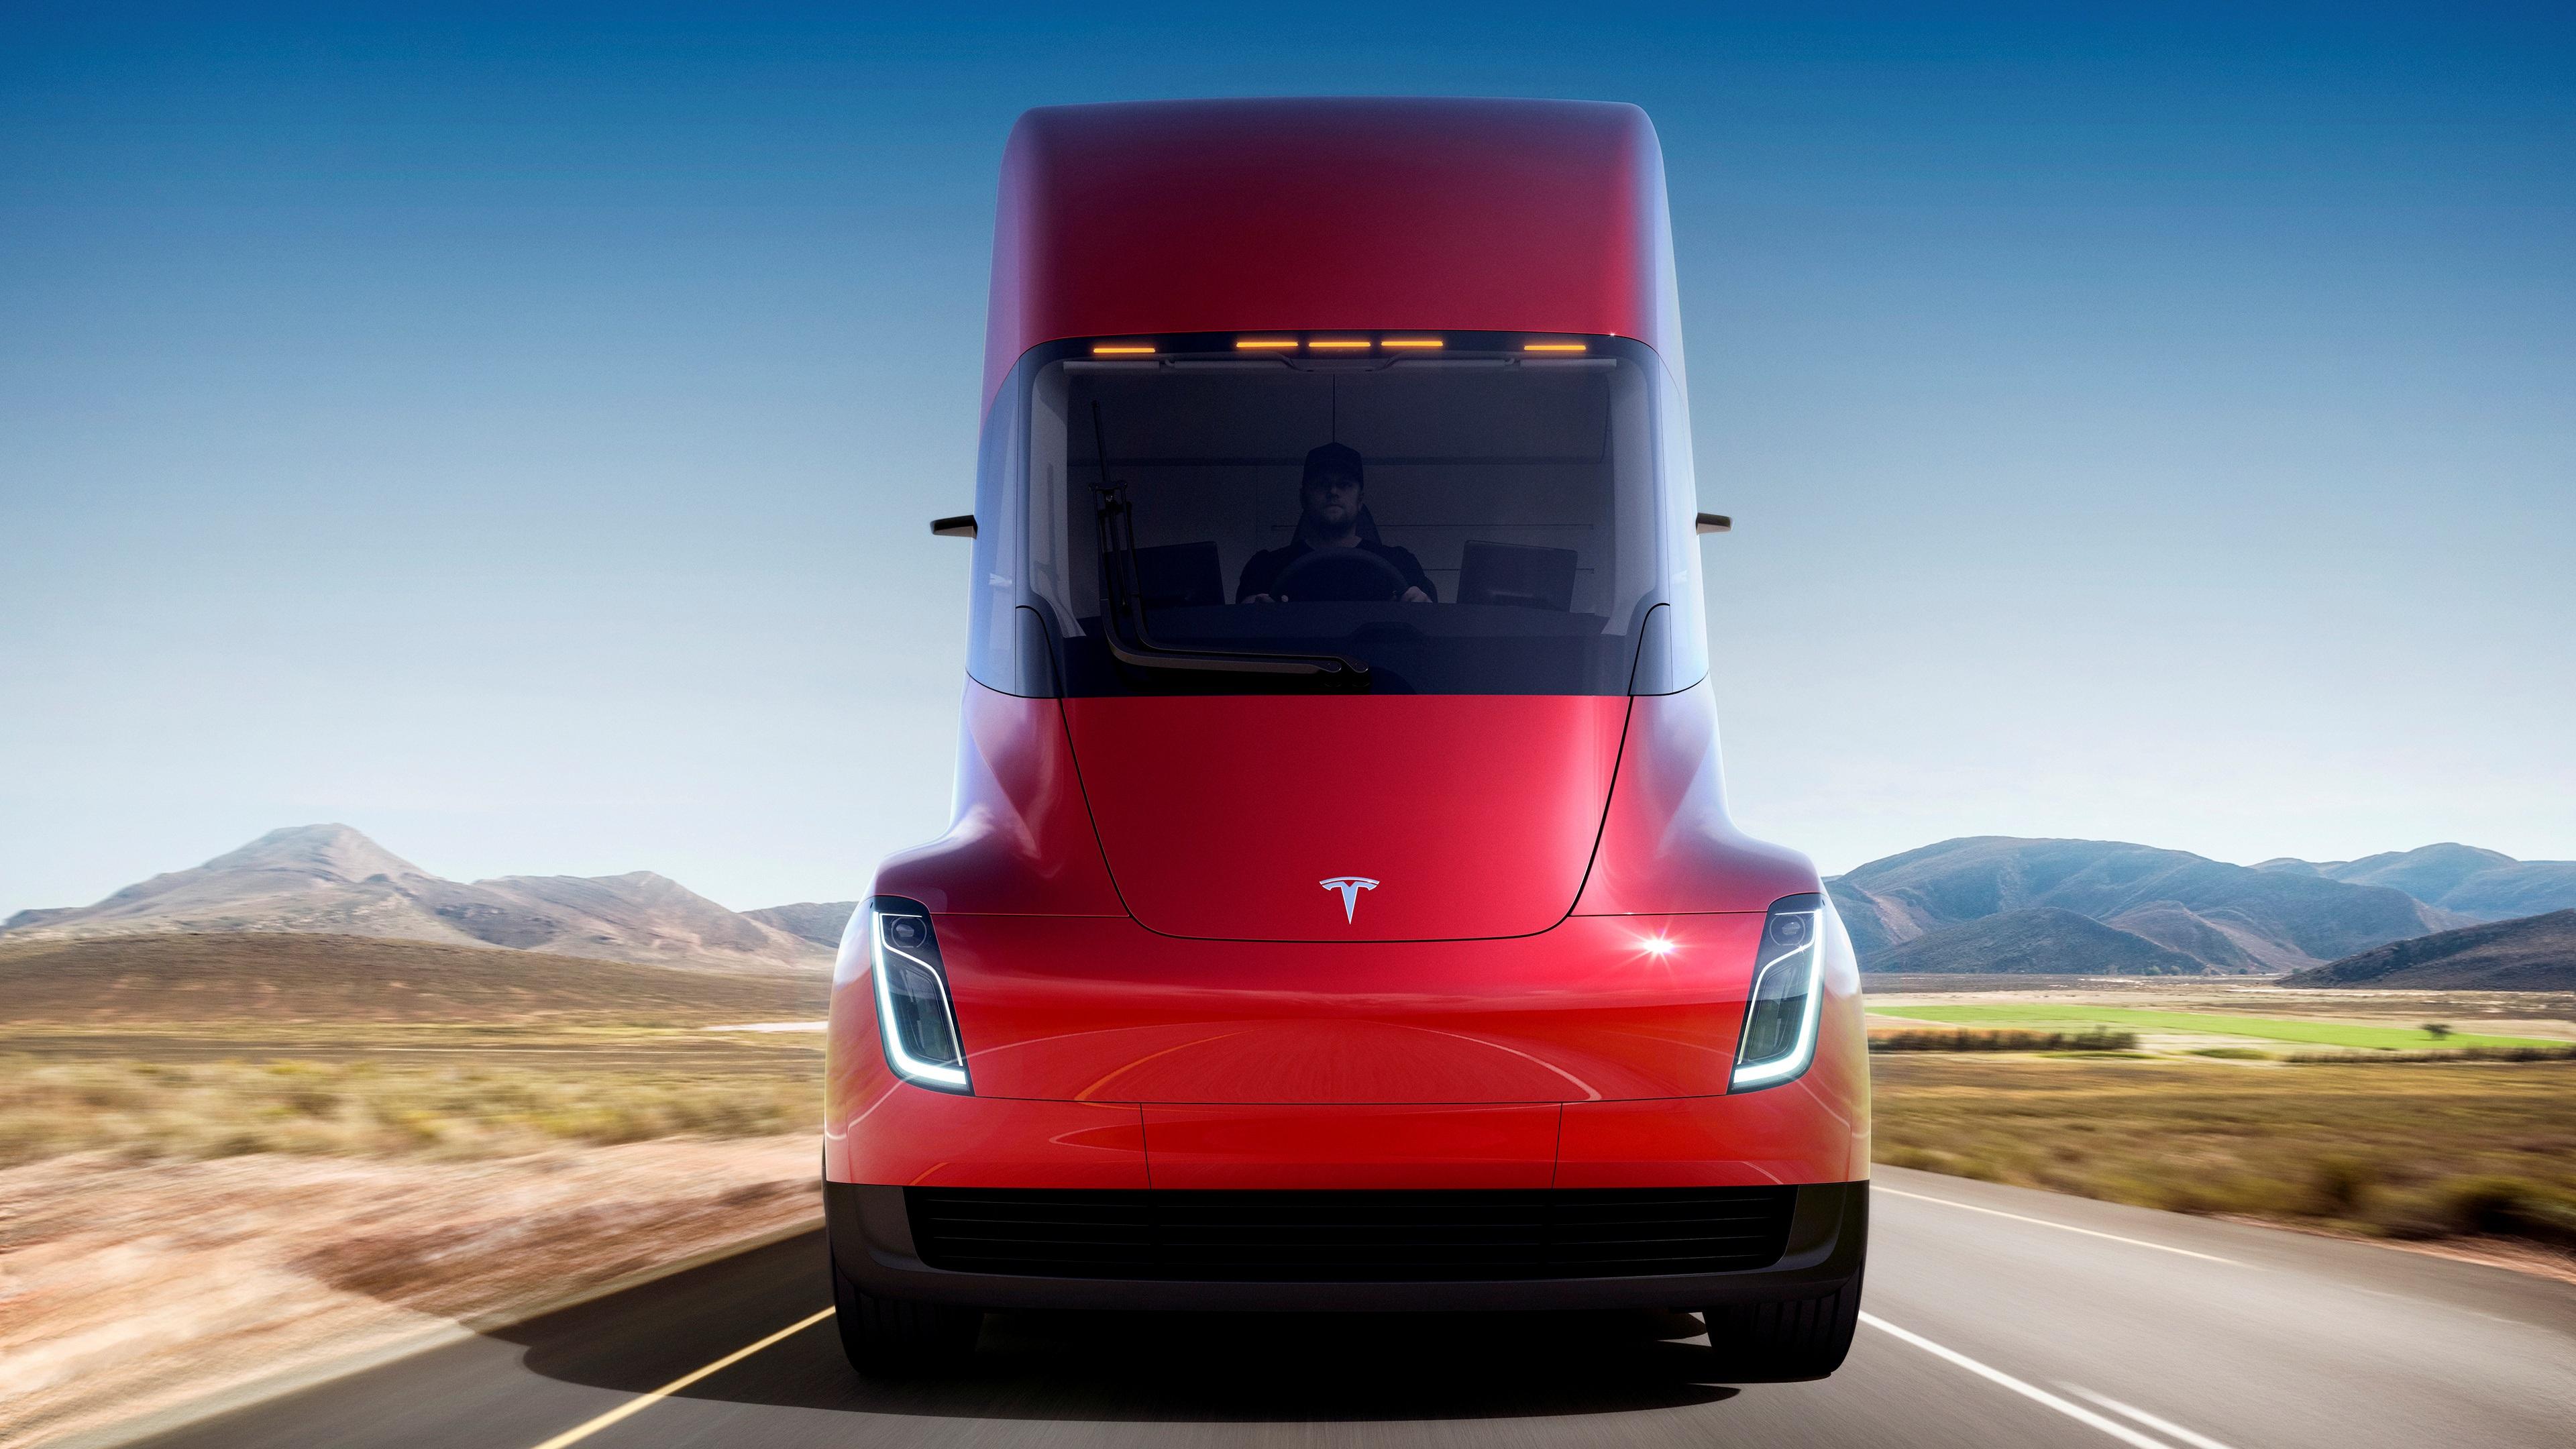 The Tesla Semi